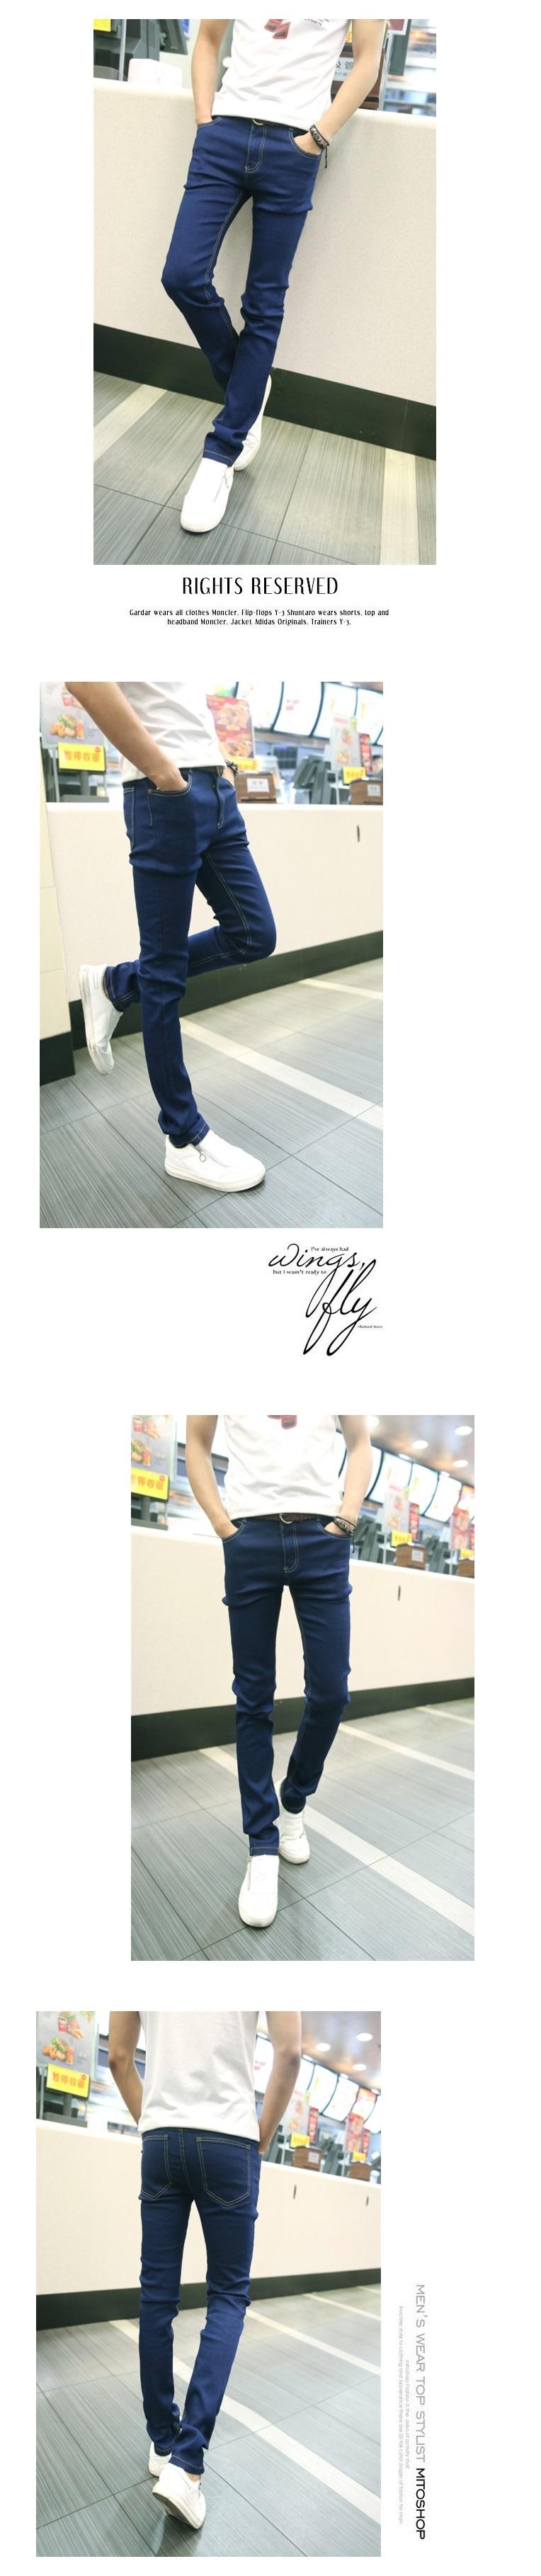 Denim phù hợp với nam giới mùa xuân và mùa thu mới của Hàn Quốc phiên bản của denim mỏng áo khoác nam áo khoác với quần denim bộ